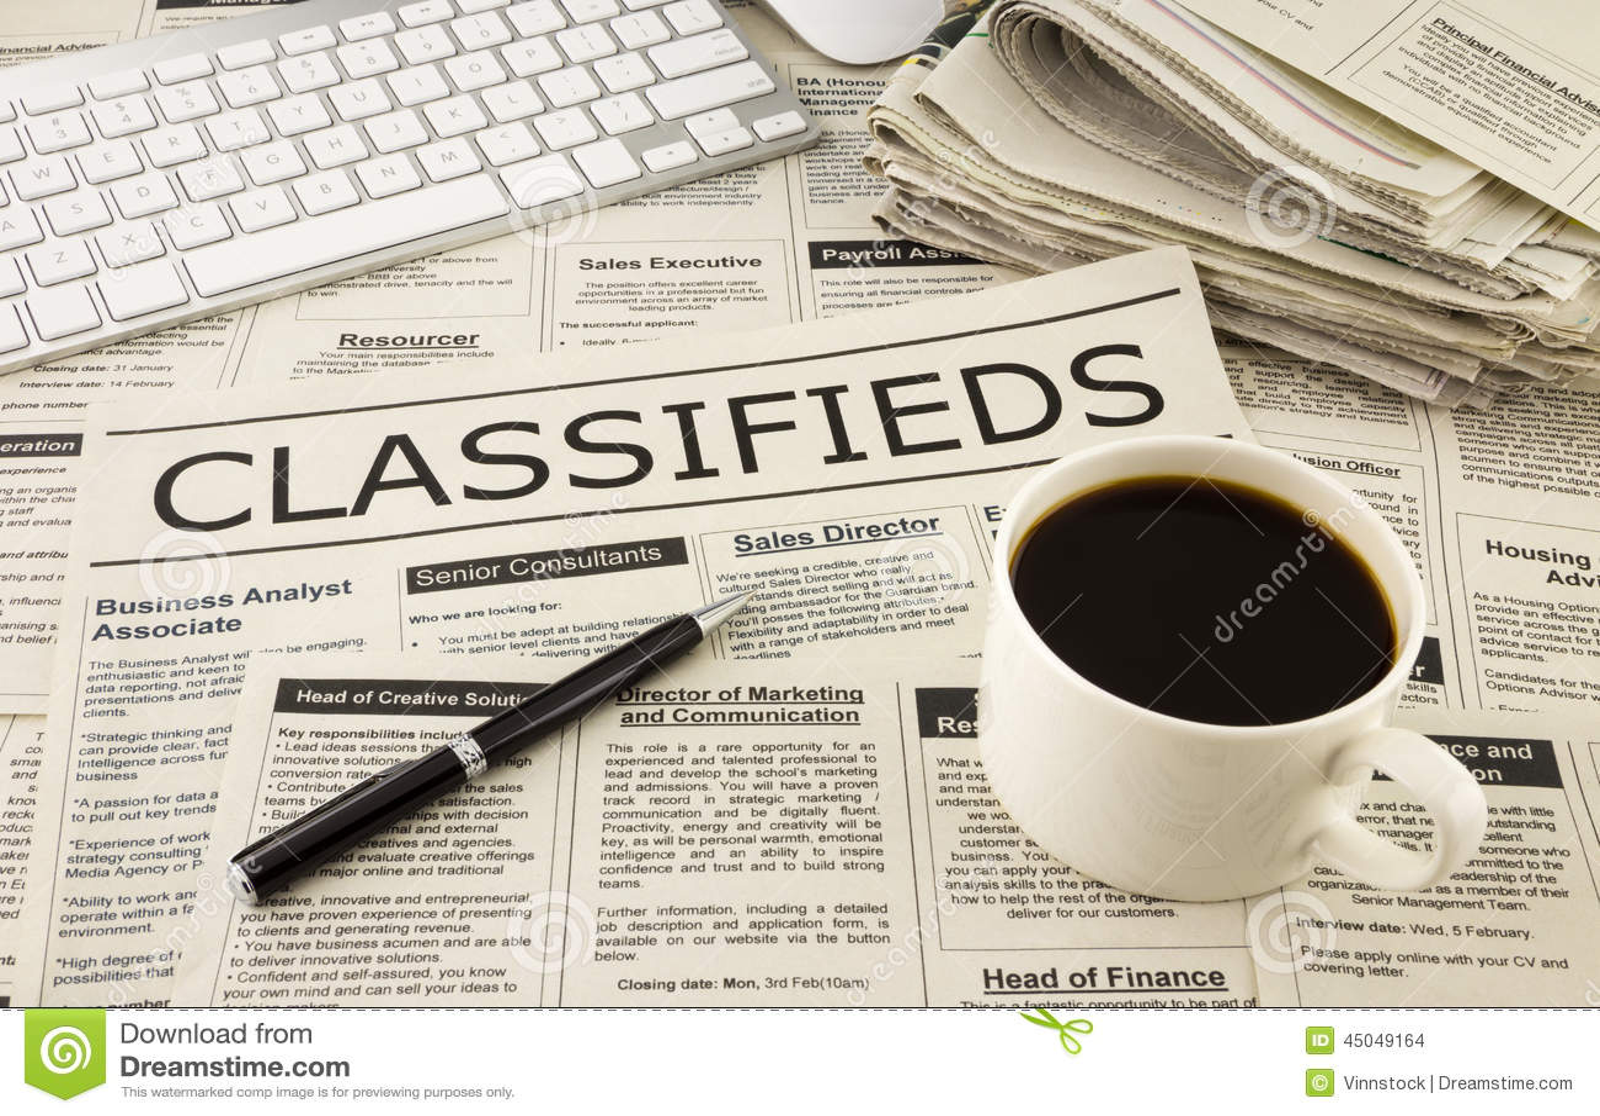 Classifieds reklamy na gazecie